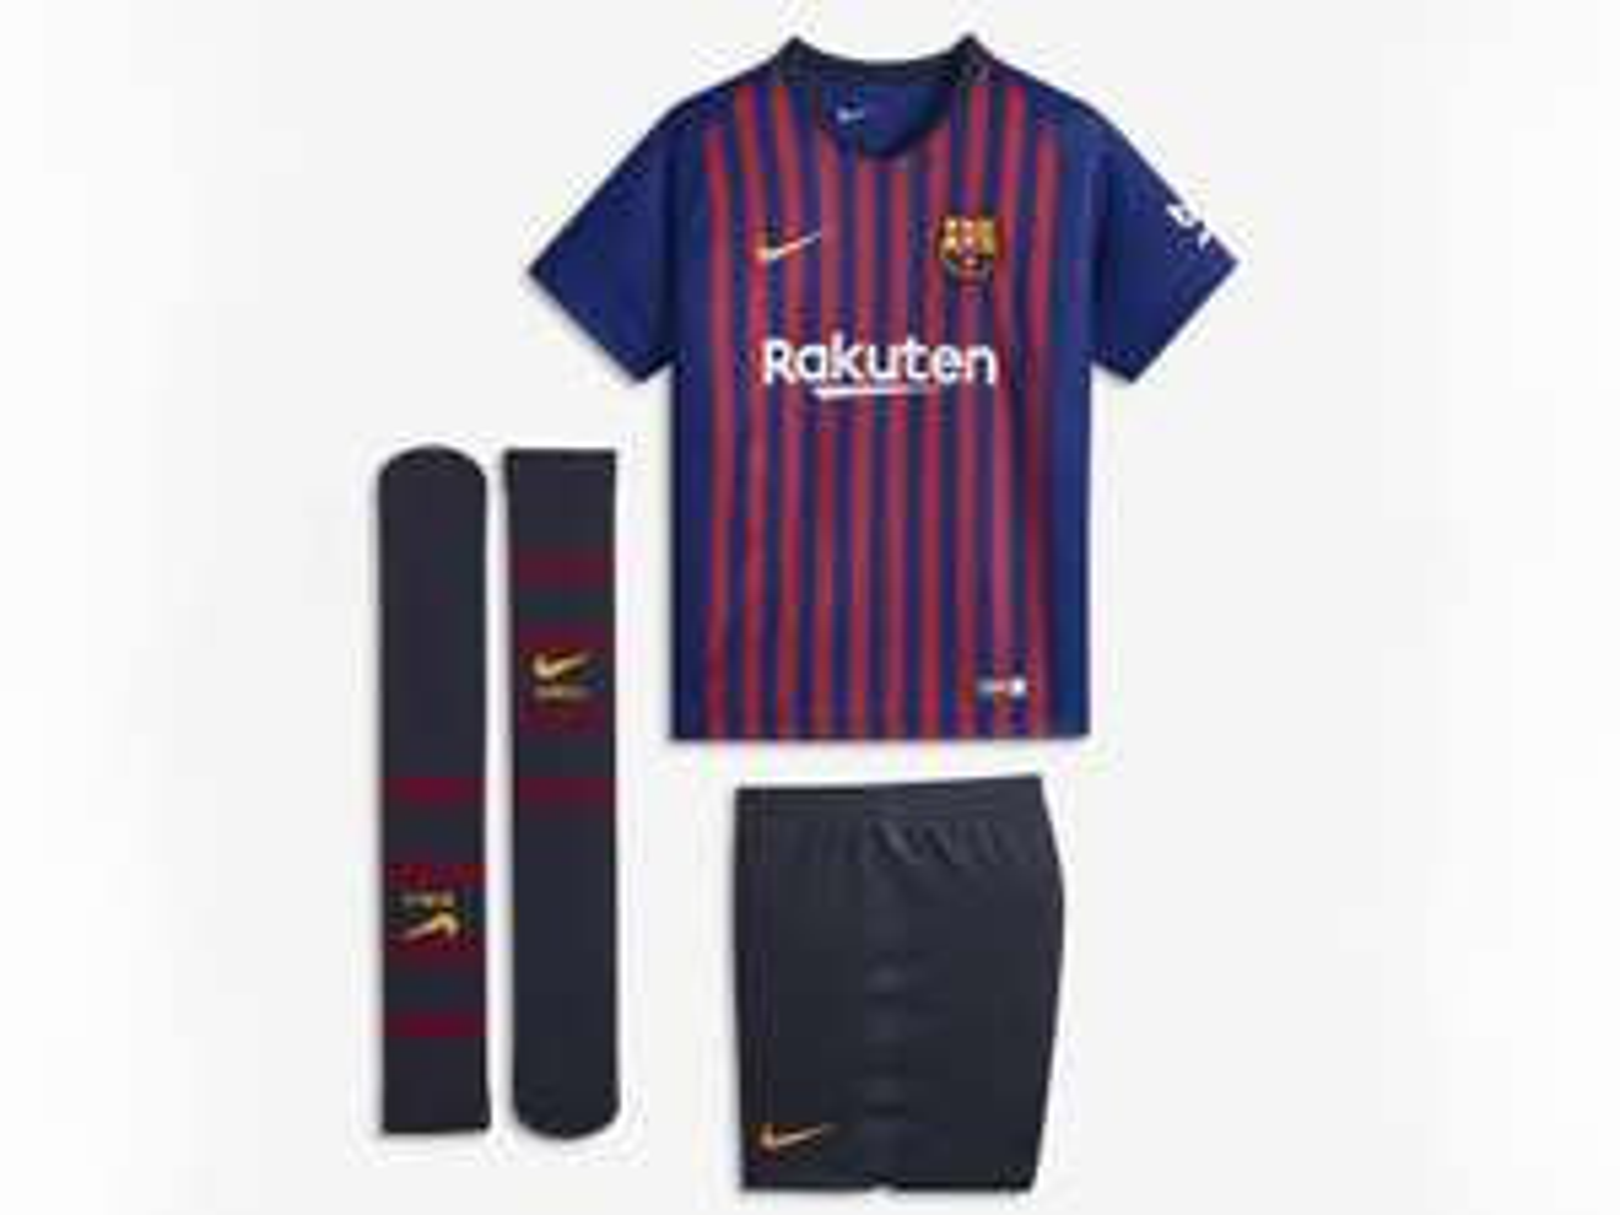 Liverpool: Conjunto deportivo Nike FC Barcelona y PUMAS para niño